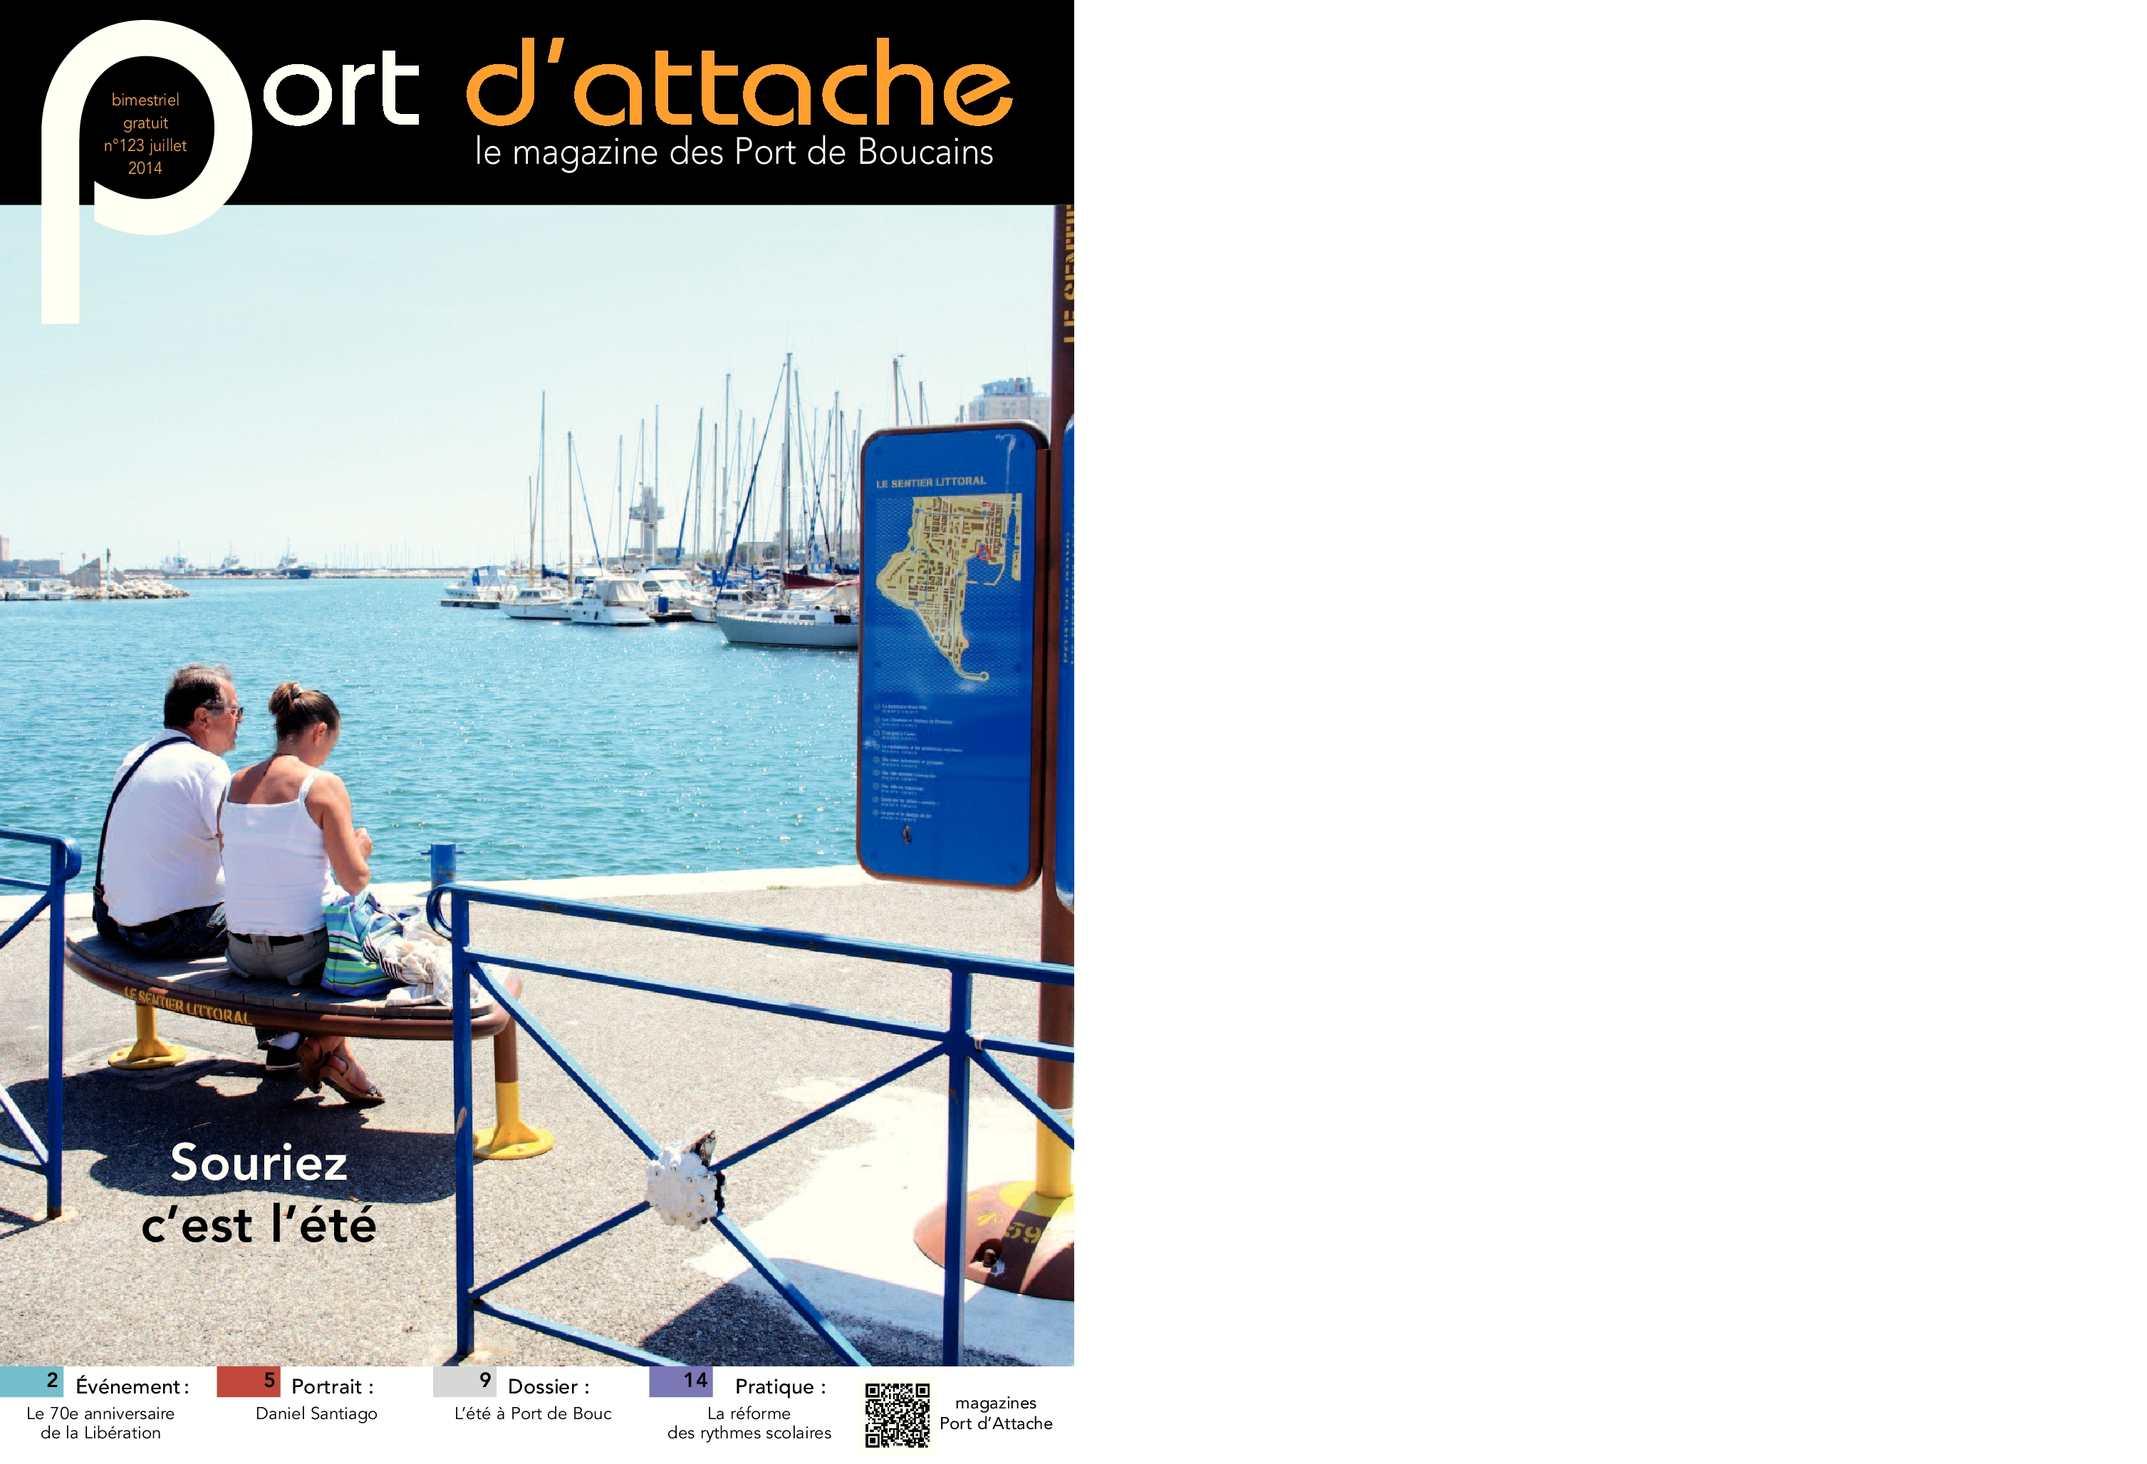 Calam o port d 39 attache n 123 juillet 2014 - Port de bouc d hier et d aujourd hui ...